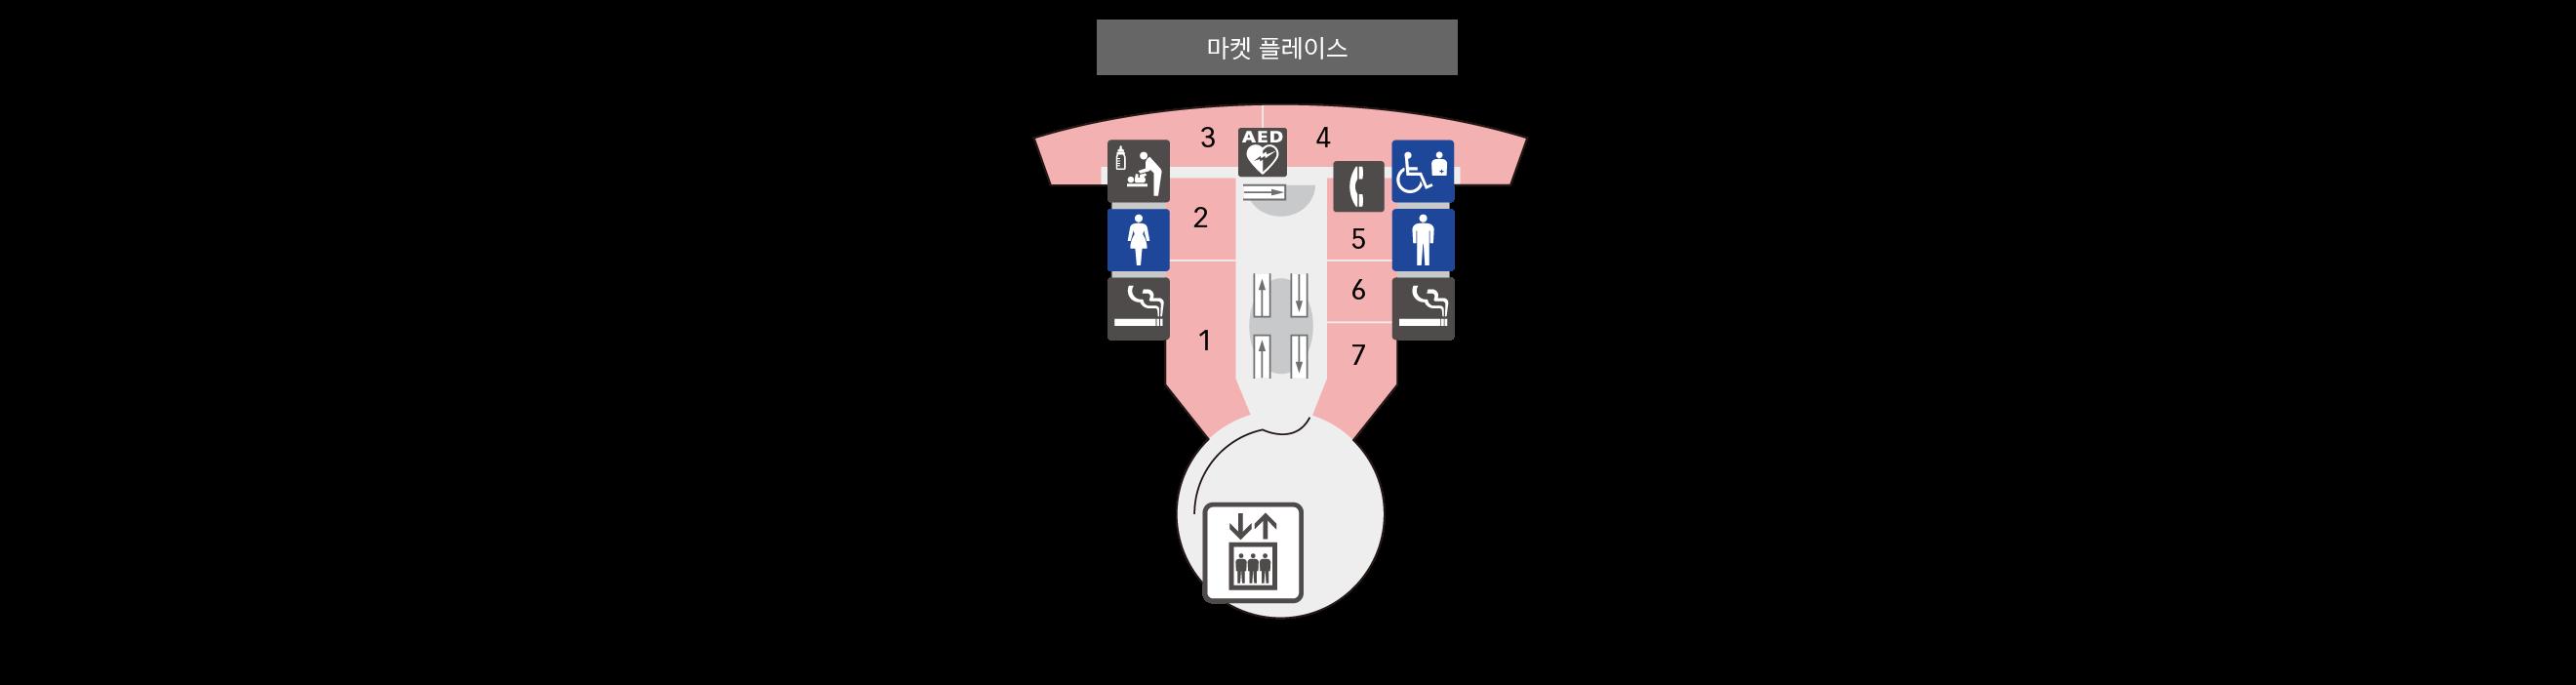 4F 식당&쇼핑 플로어 맵